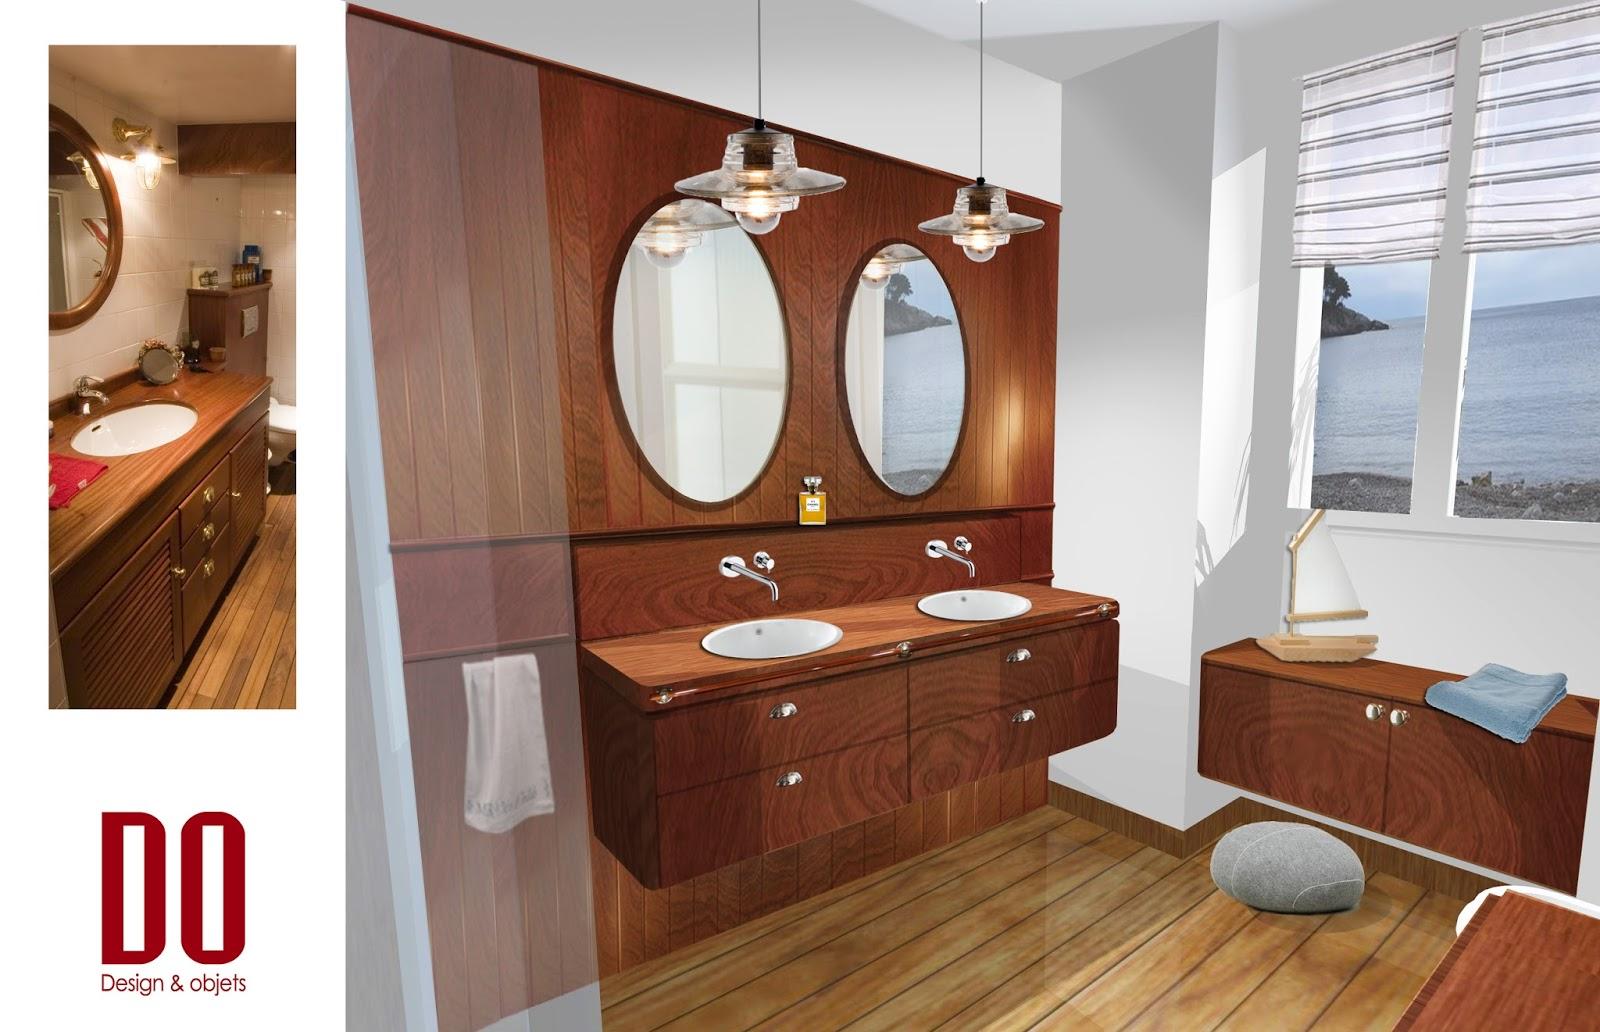 salle de bain tropicale maison design. Black Bedroom Furniture Sets. Home Design Ideas